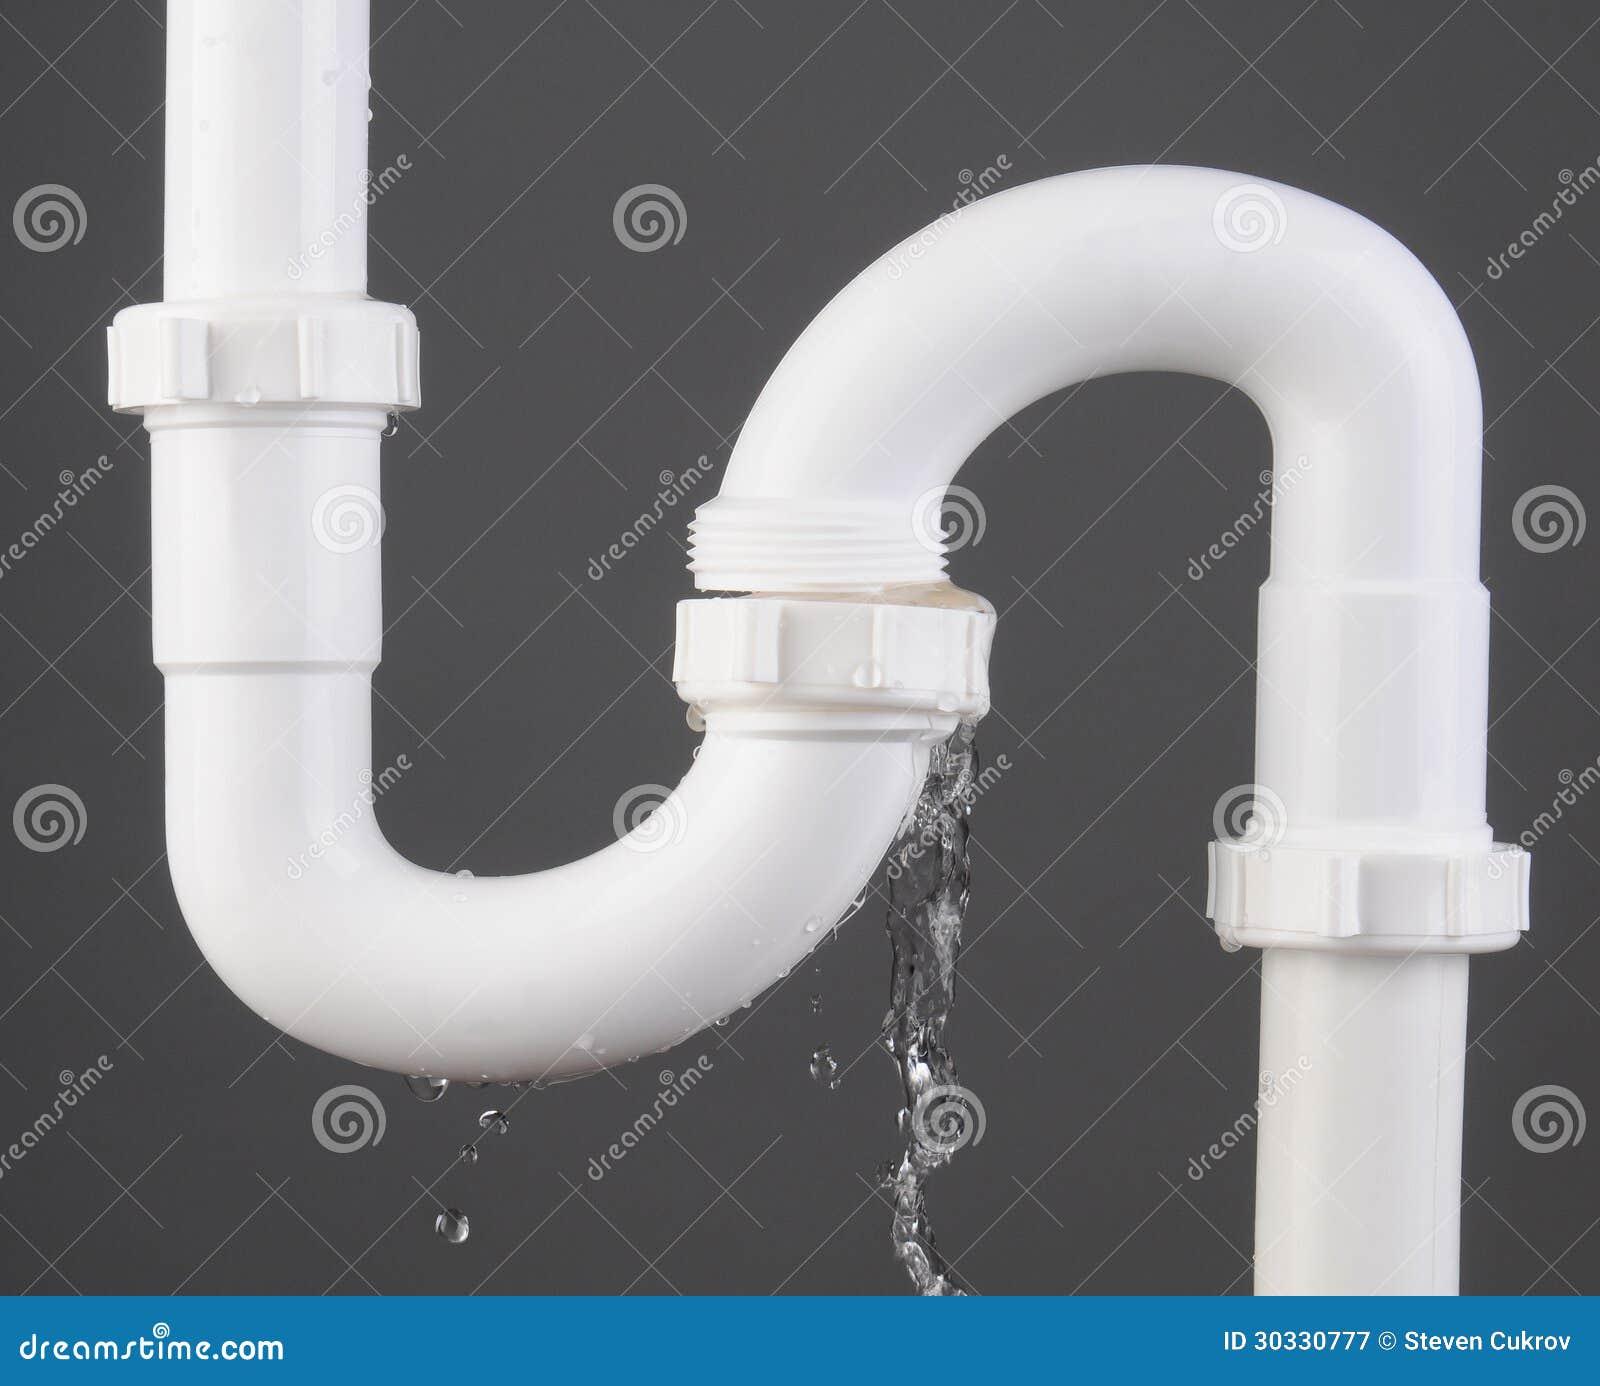 Diy Kitchen Sink Leak: Plumbing Leak Stock Image. Image Of Plastic, Close, Repair